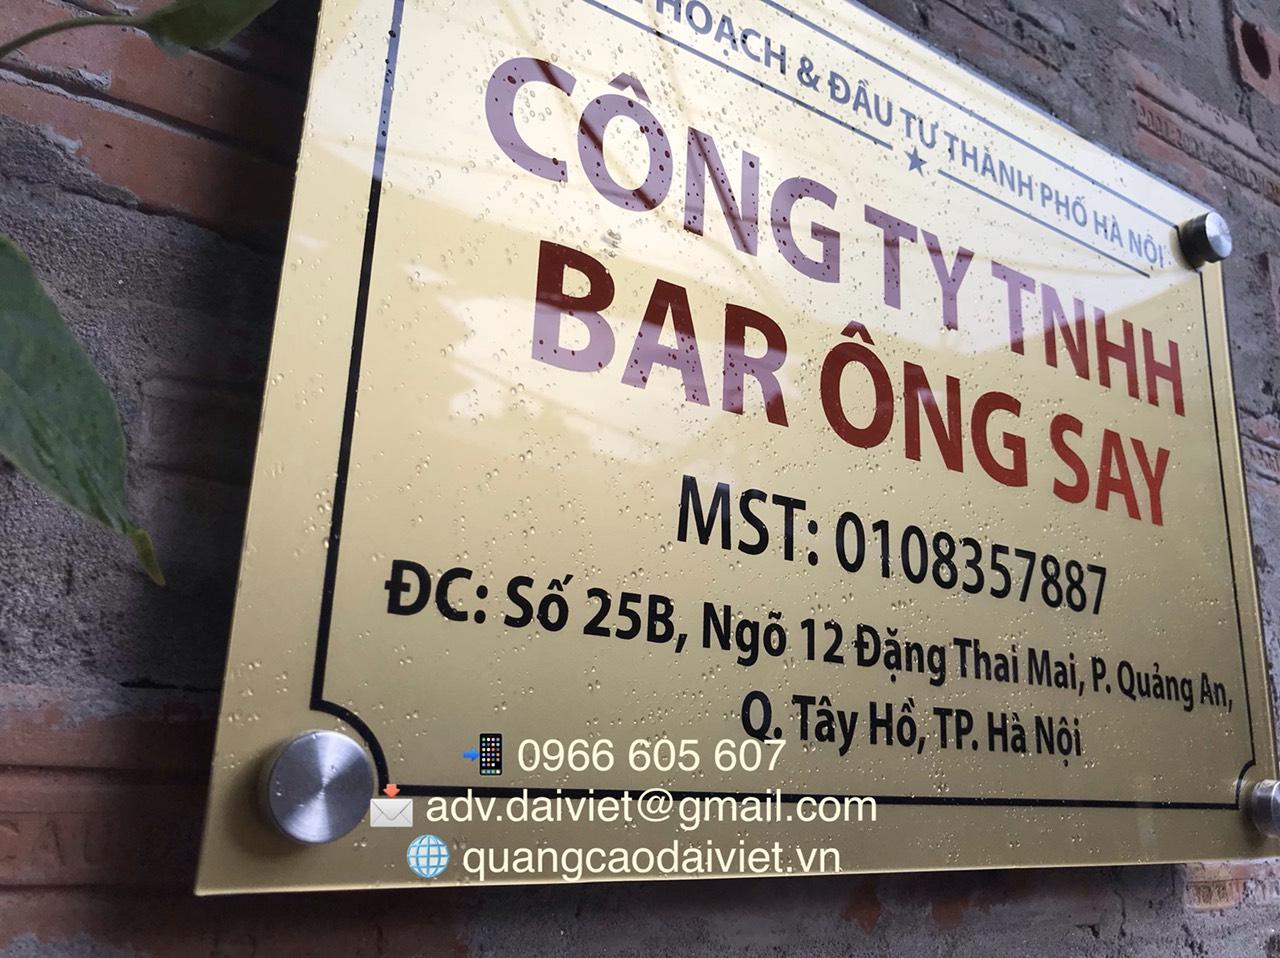 lam-bien-cong-ty-quan-bar